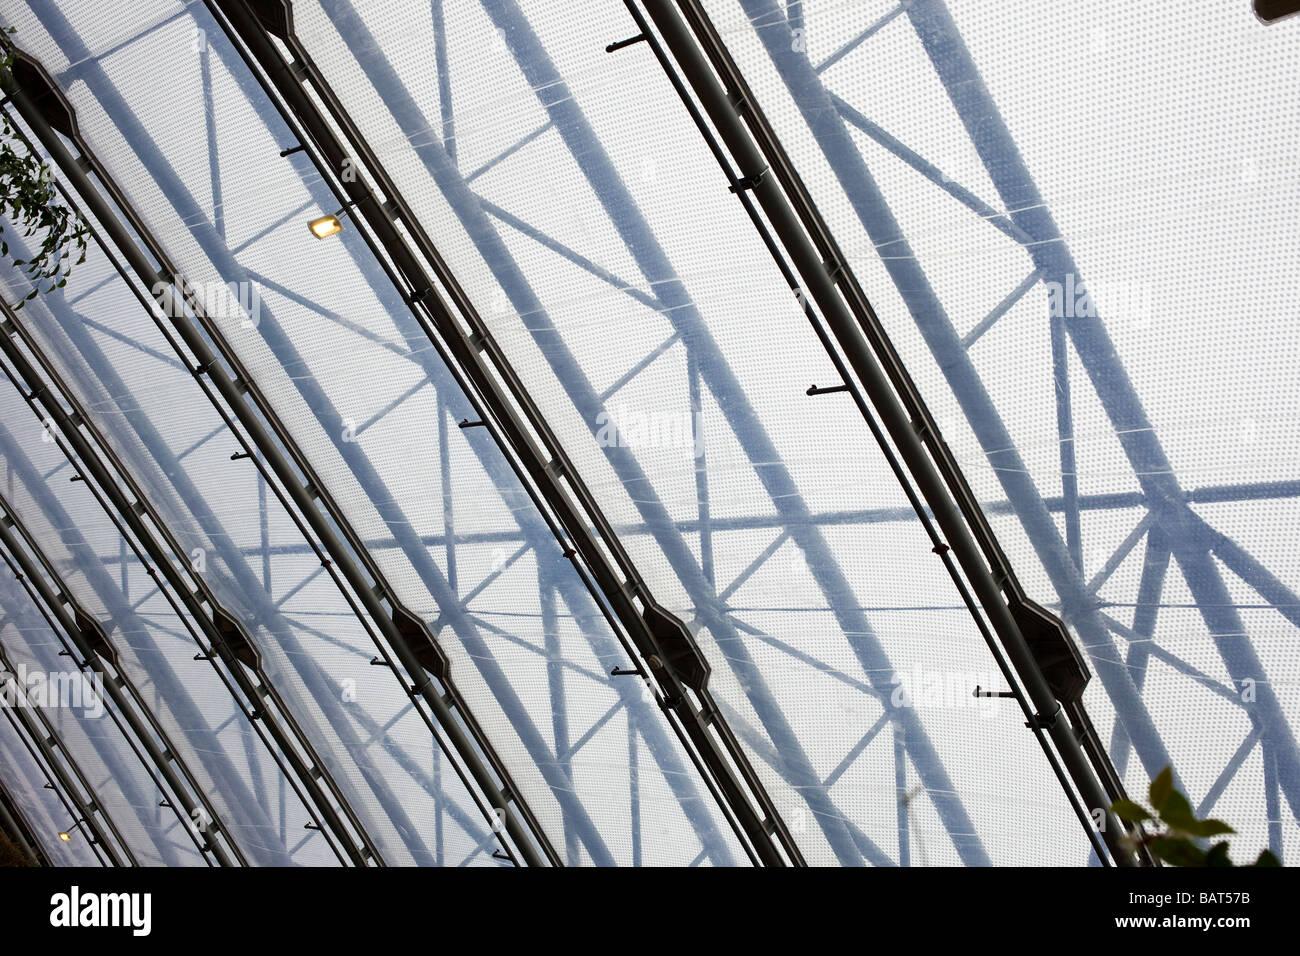 Architettura moderna dettaglio Immagini Stock